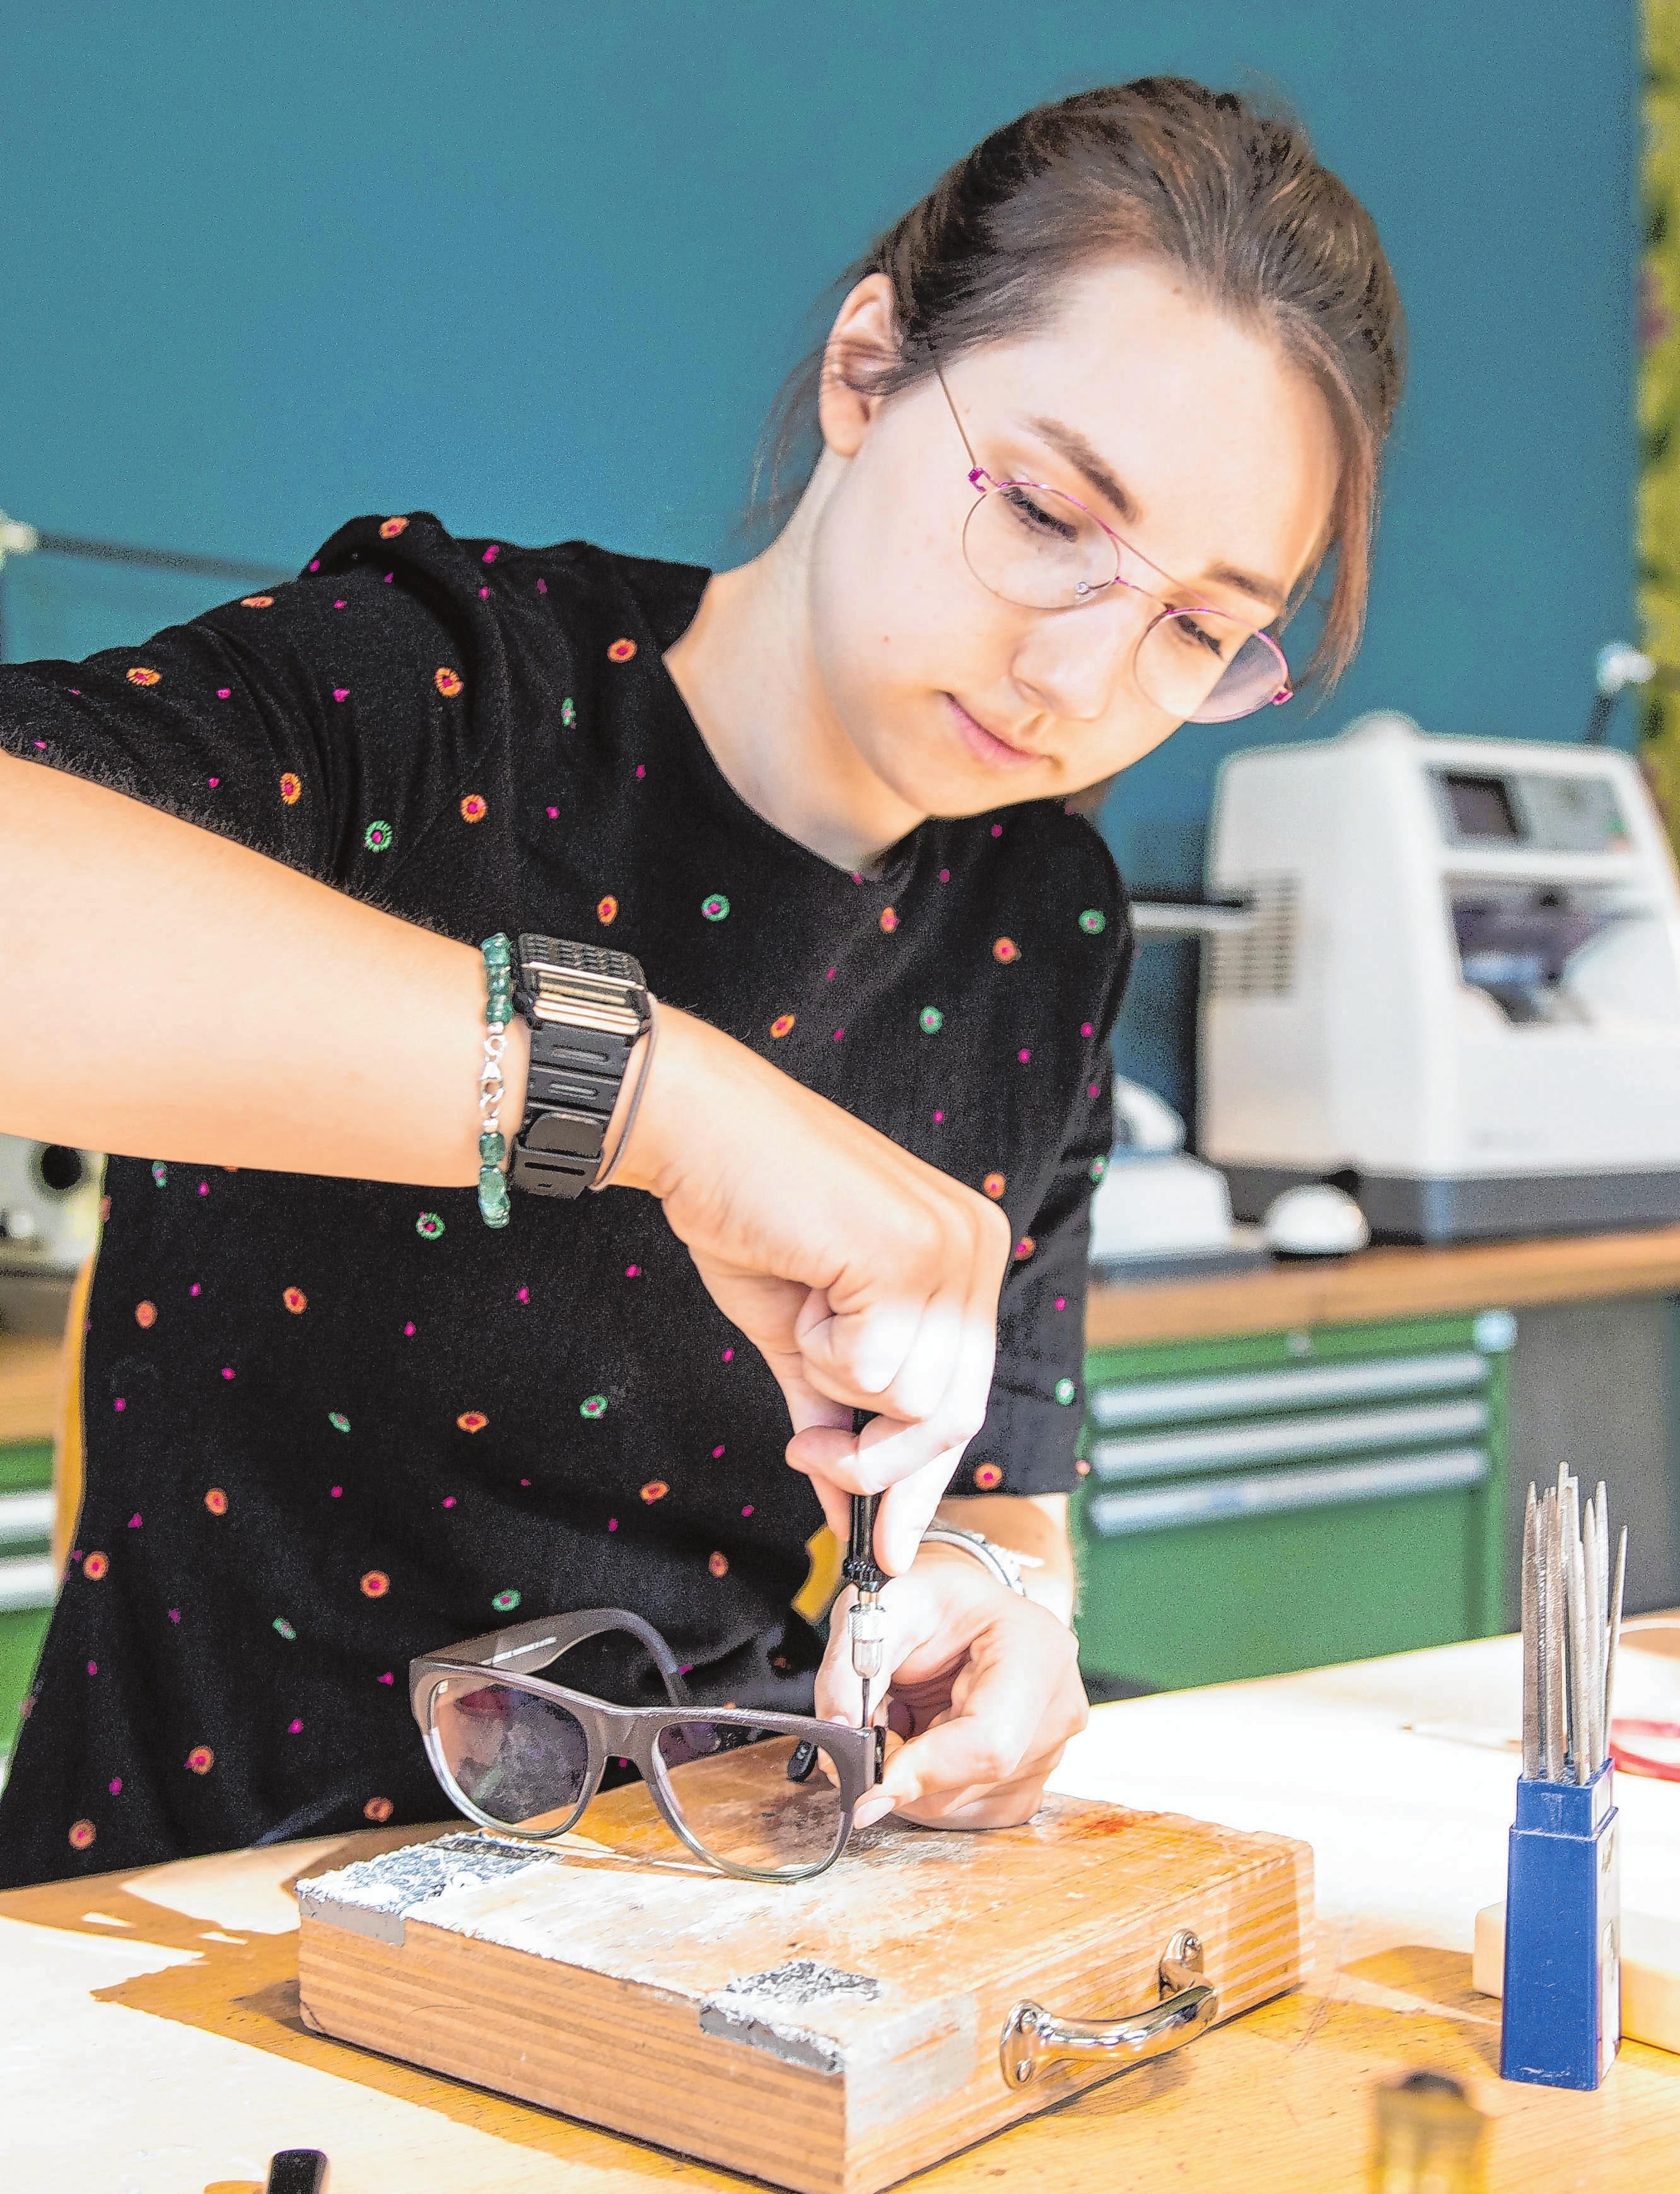 Mit Werkzeugen eine Brille bearbeiten: Diese Arbeiten erfordern Präzision und Konzentration.